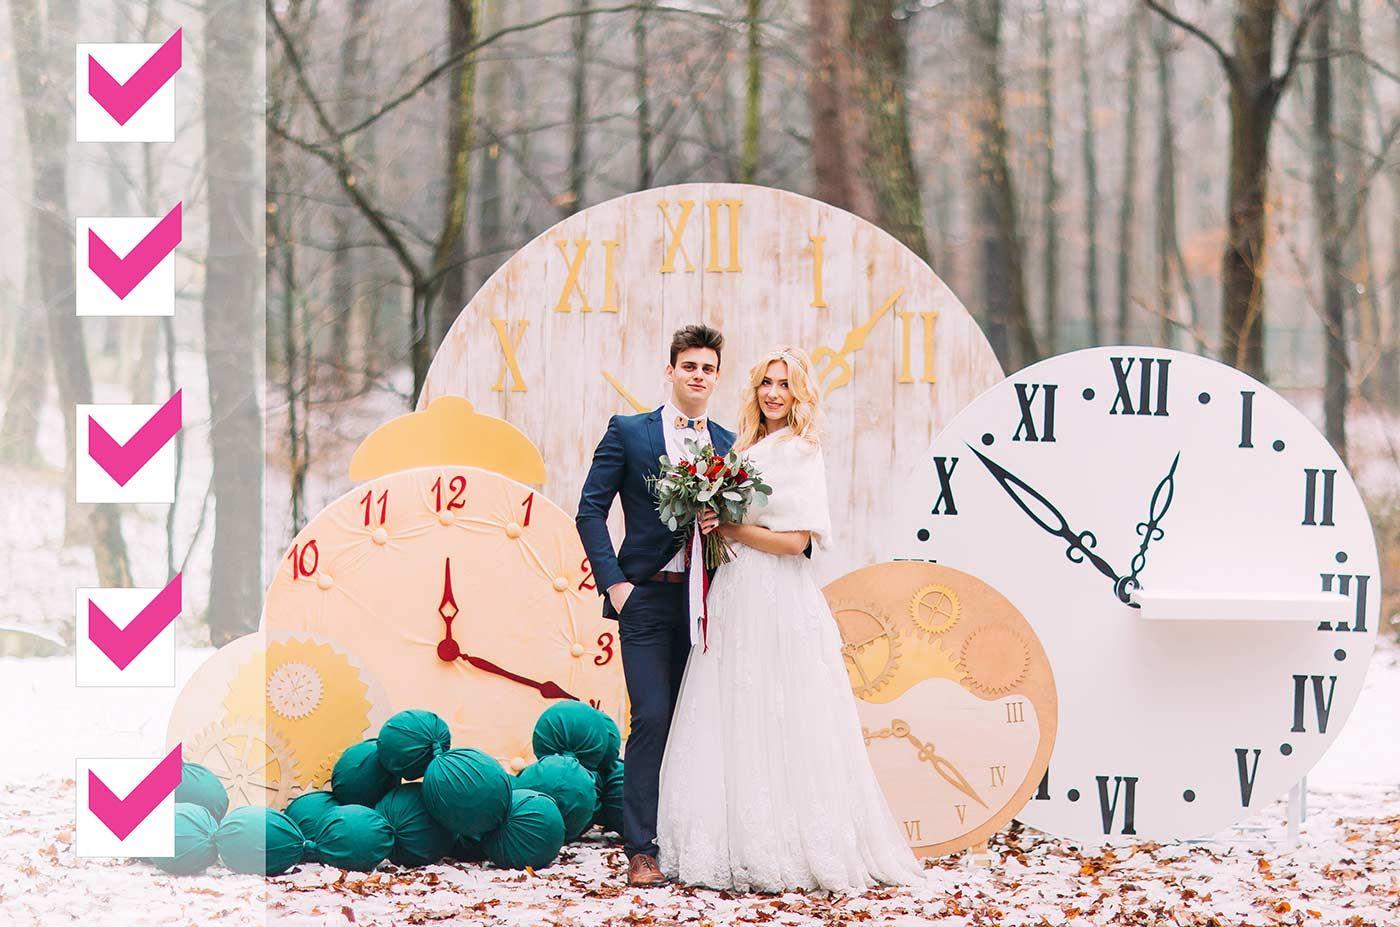 Wahnsinn Mit Dieser Checkliste Fur Eure Hochzeit Vergesst Ihr Garantiert Nichts Checkliste Hochzeit Hochzeit Planen Standesamtliche Hochzeit